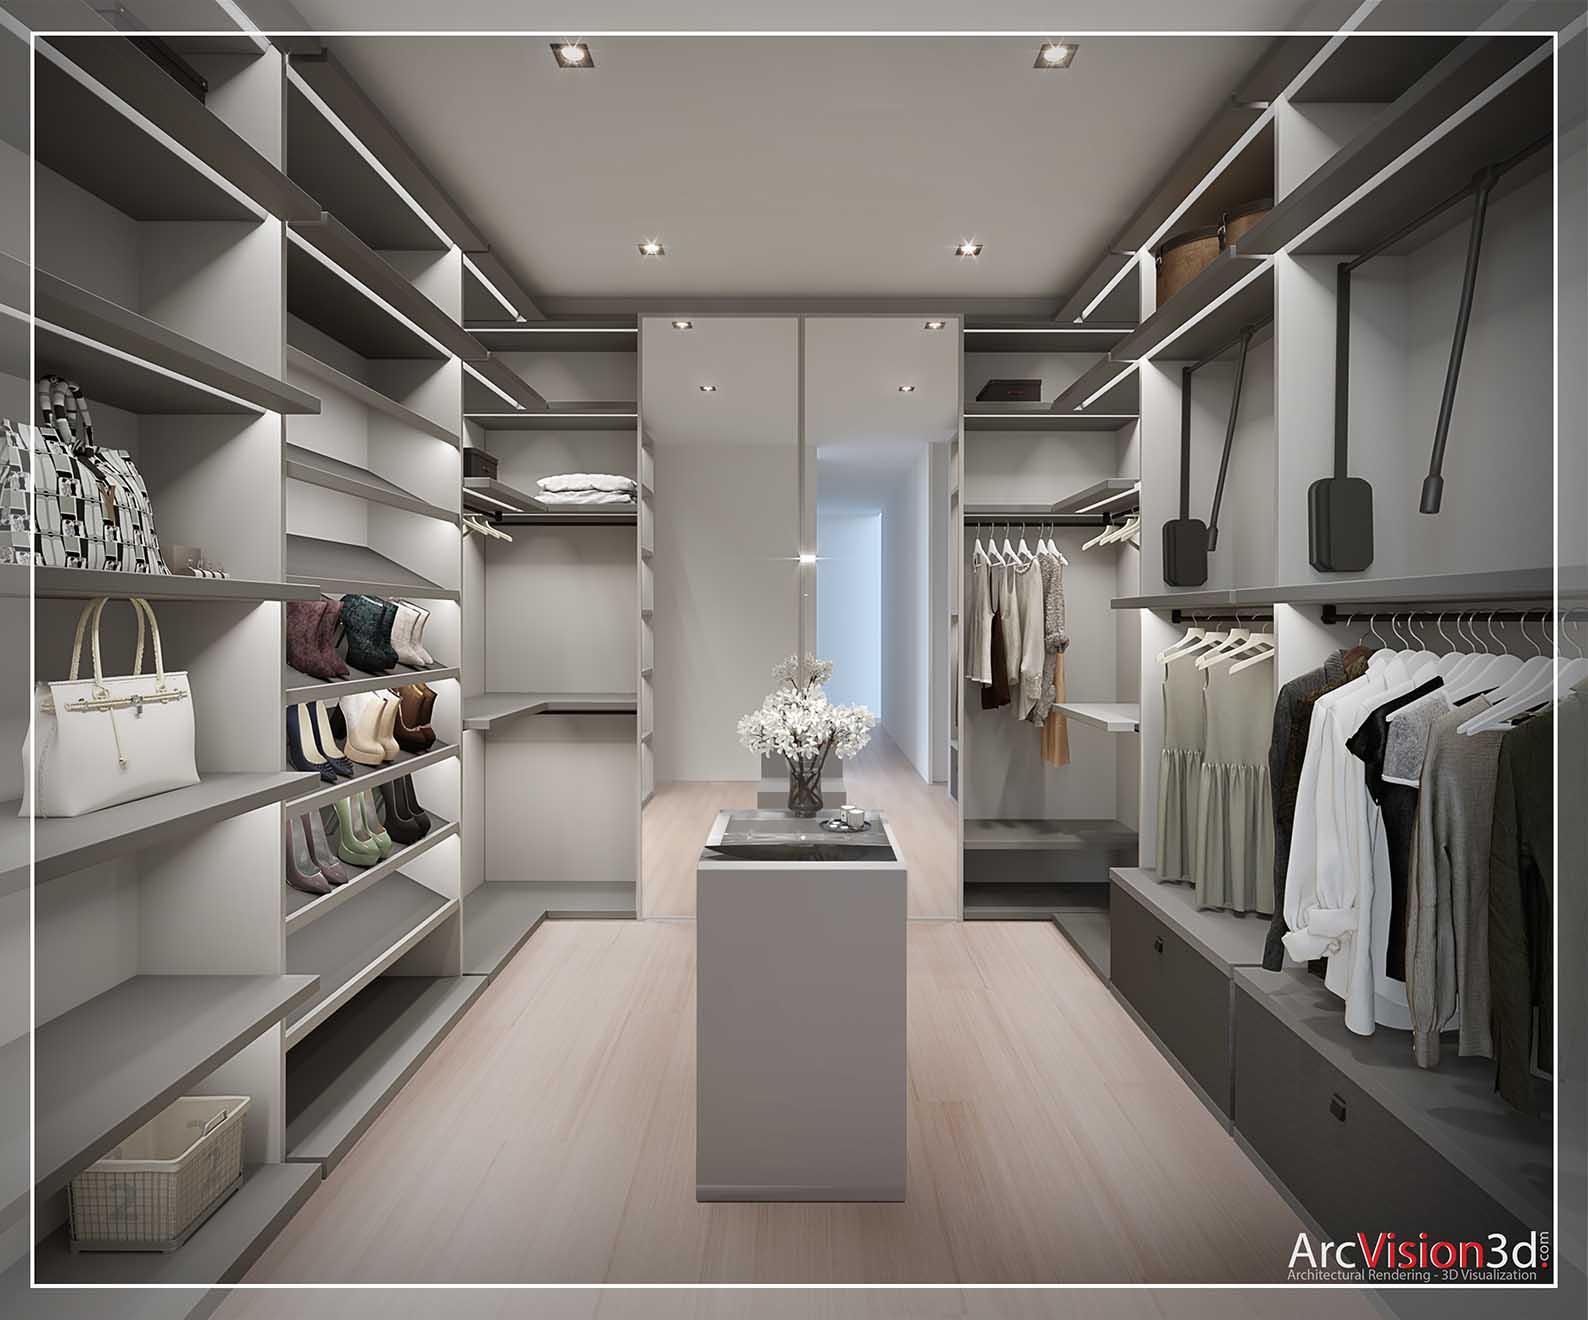 Fanjul_closet_hers